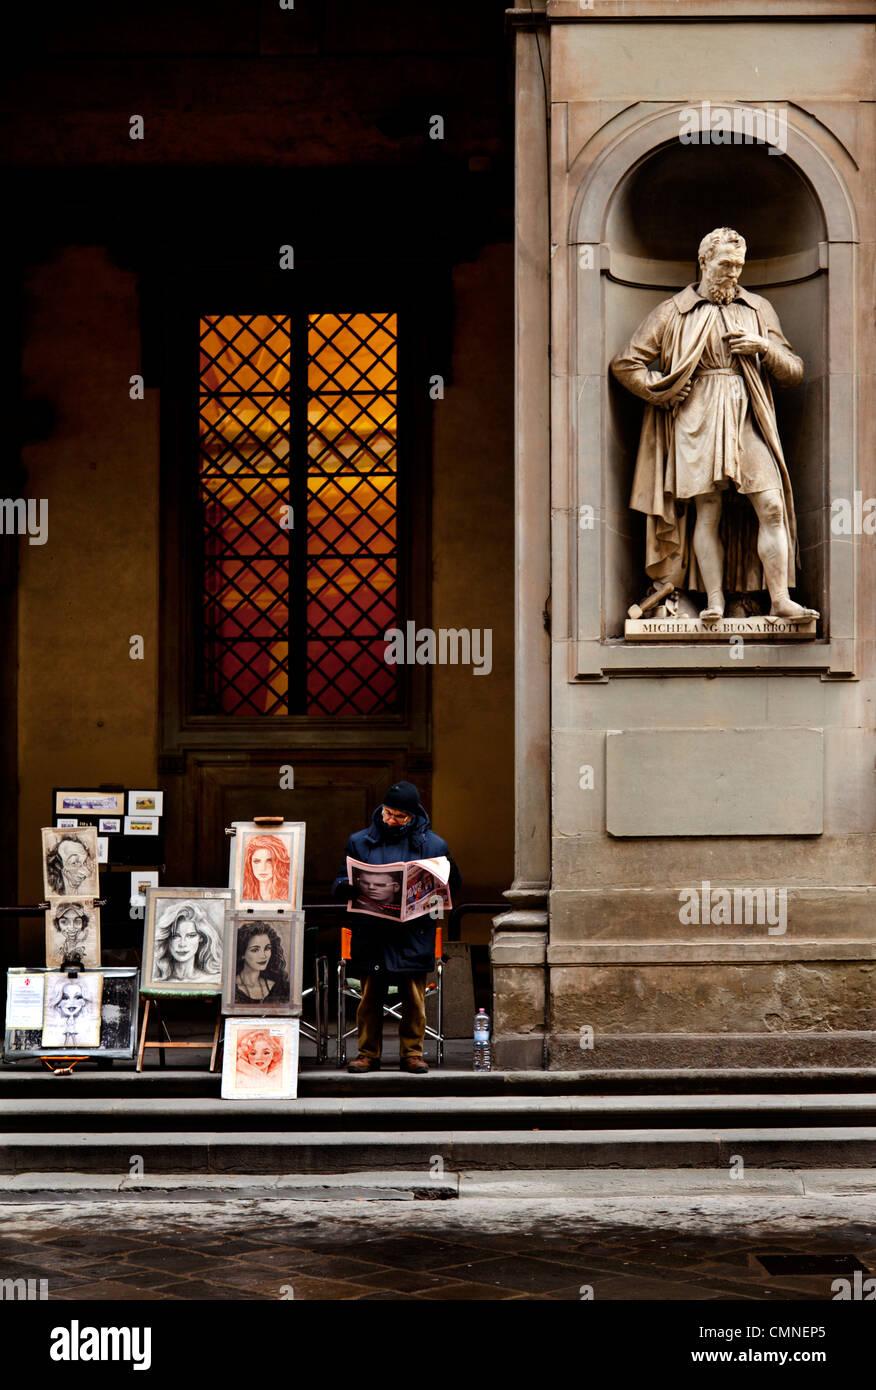 Portrait painter outside the Uffizi gallery - Stock Image